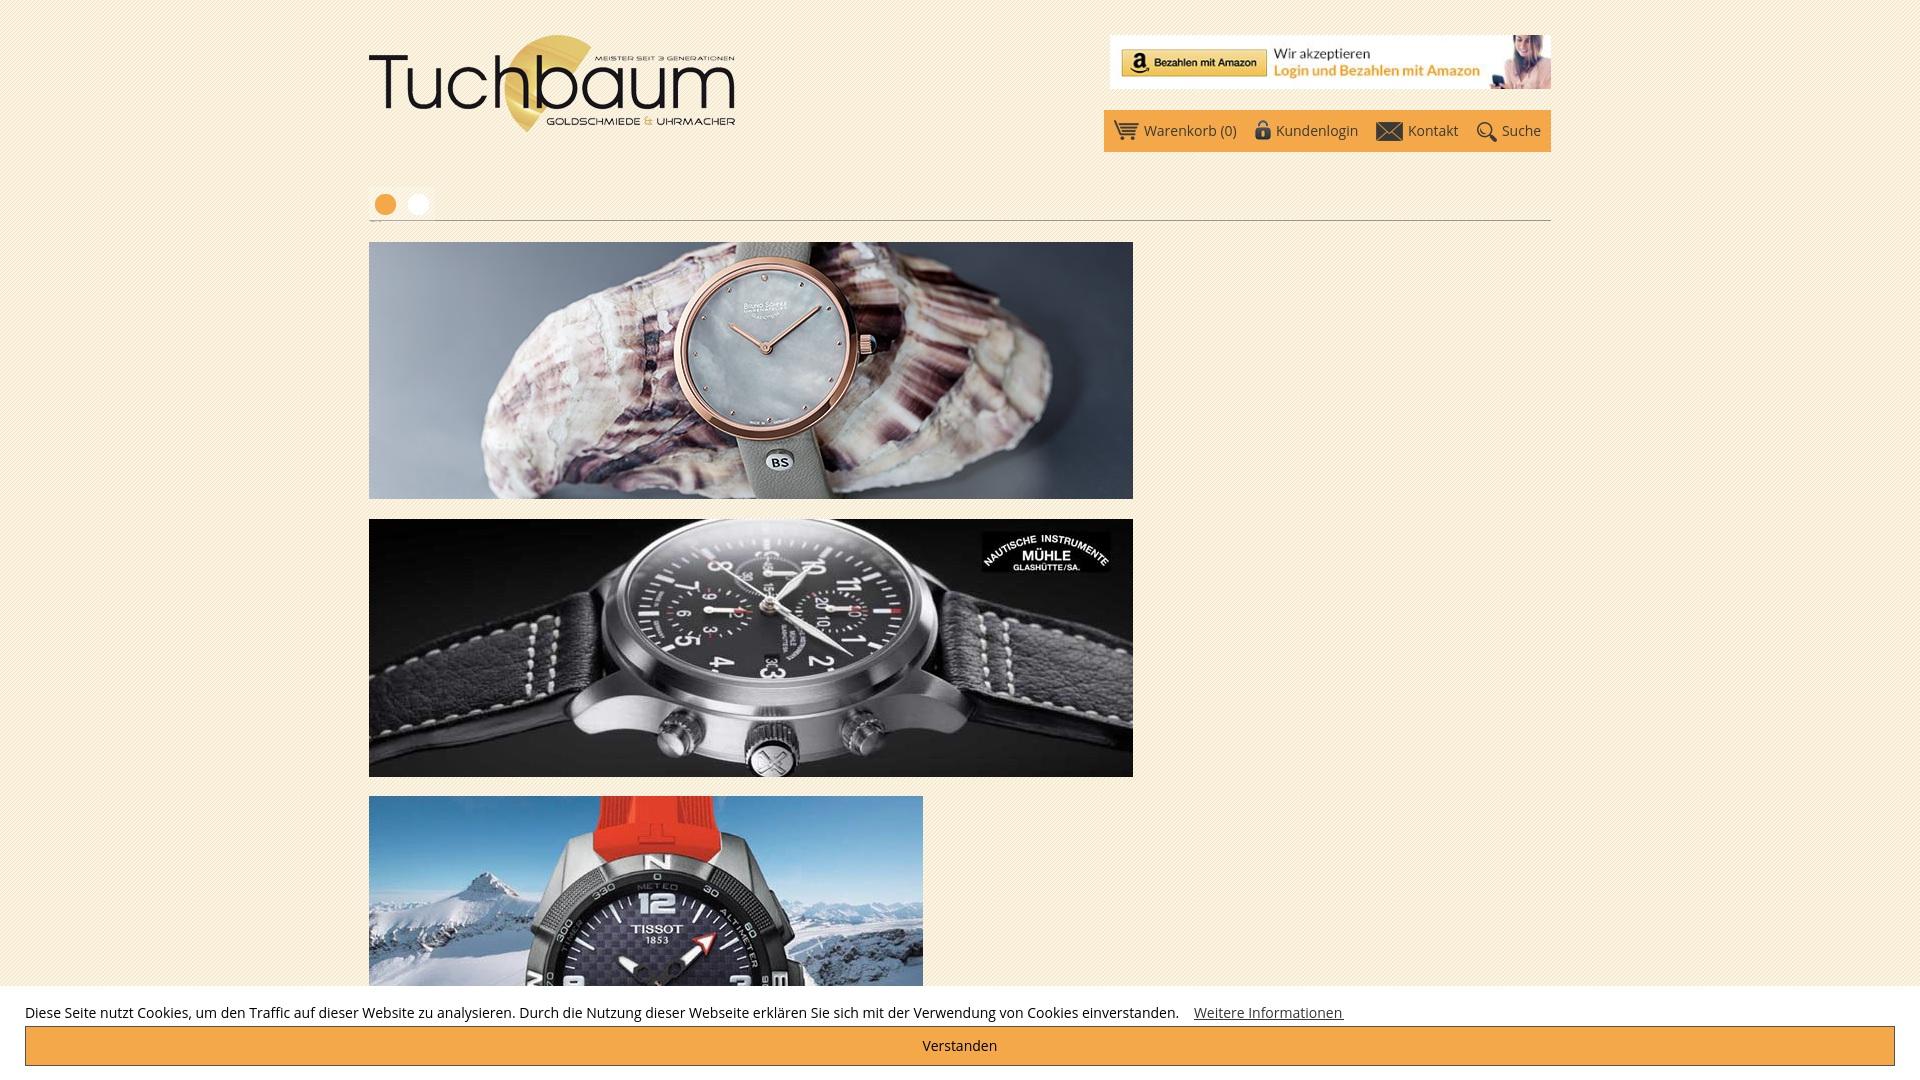 Gutschein für Tuchbaum-shop: Rabatte für  Tuchbaum-shop sichern